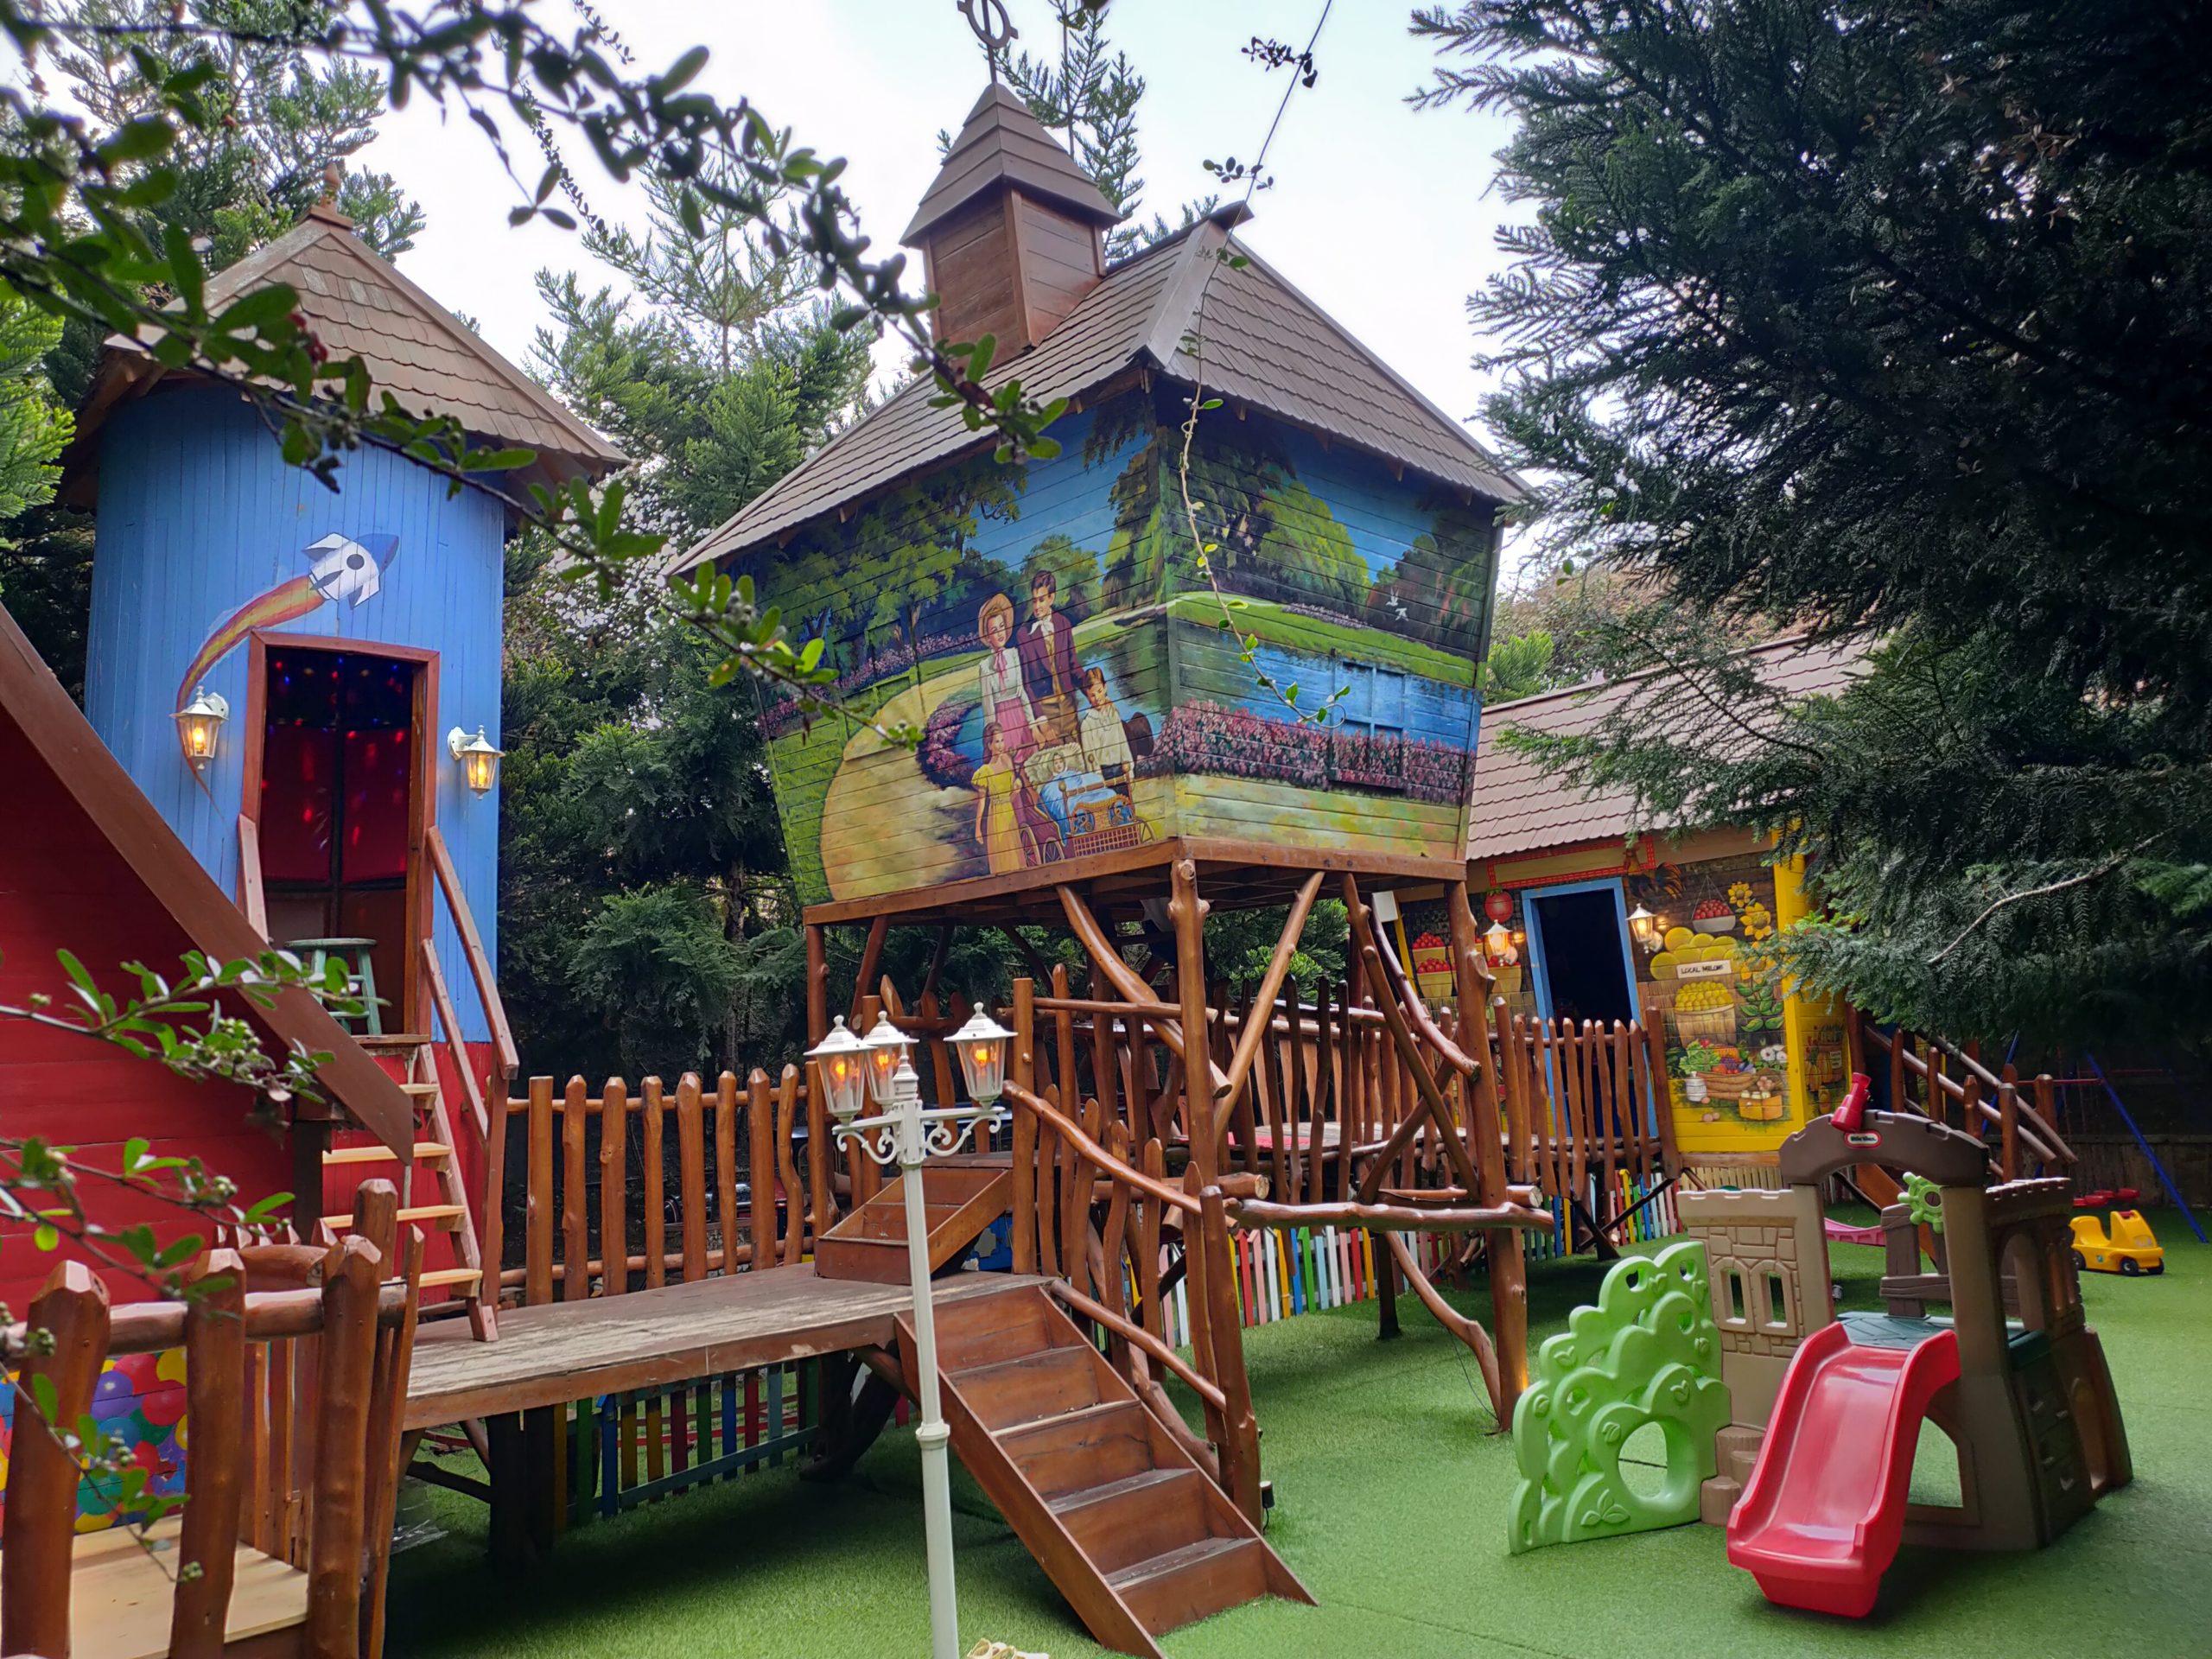 tree-house-play-ground